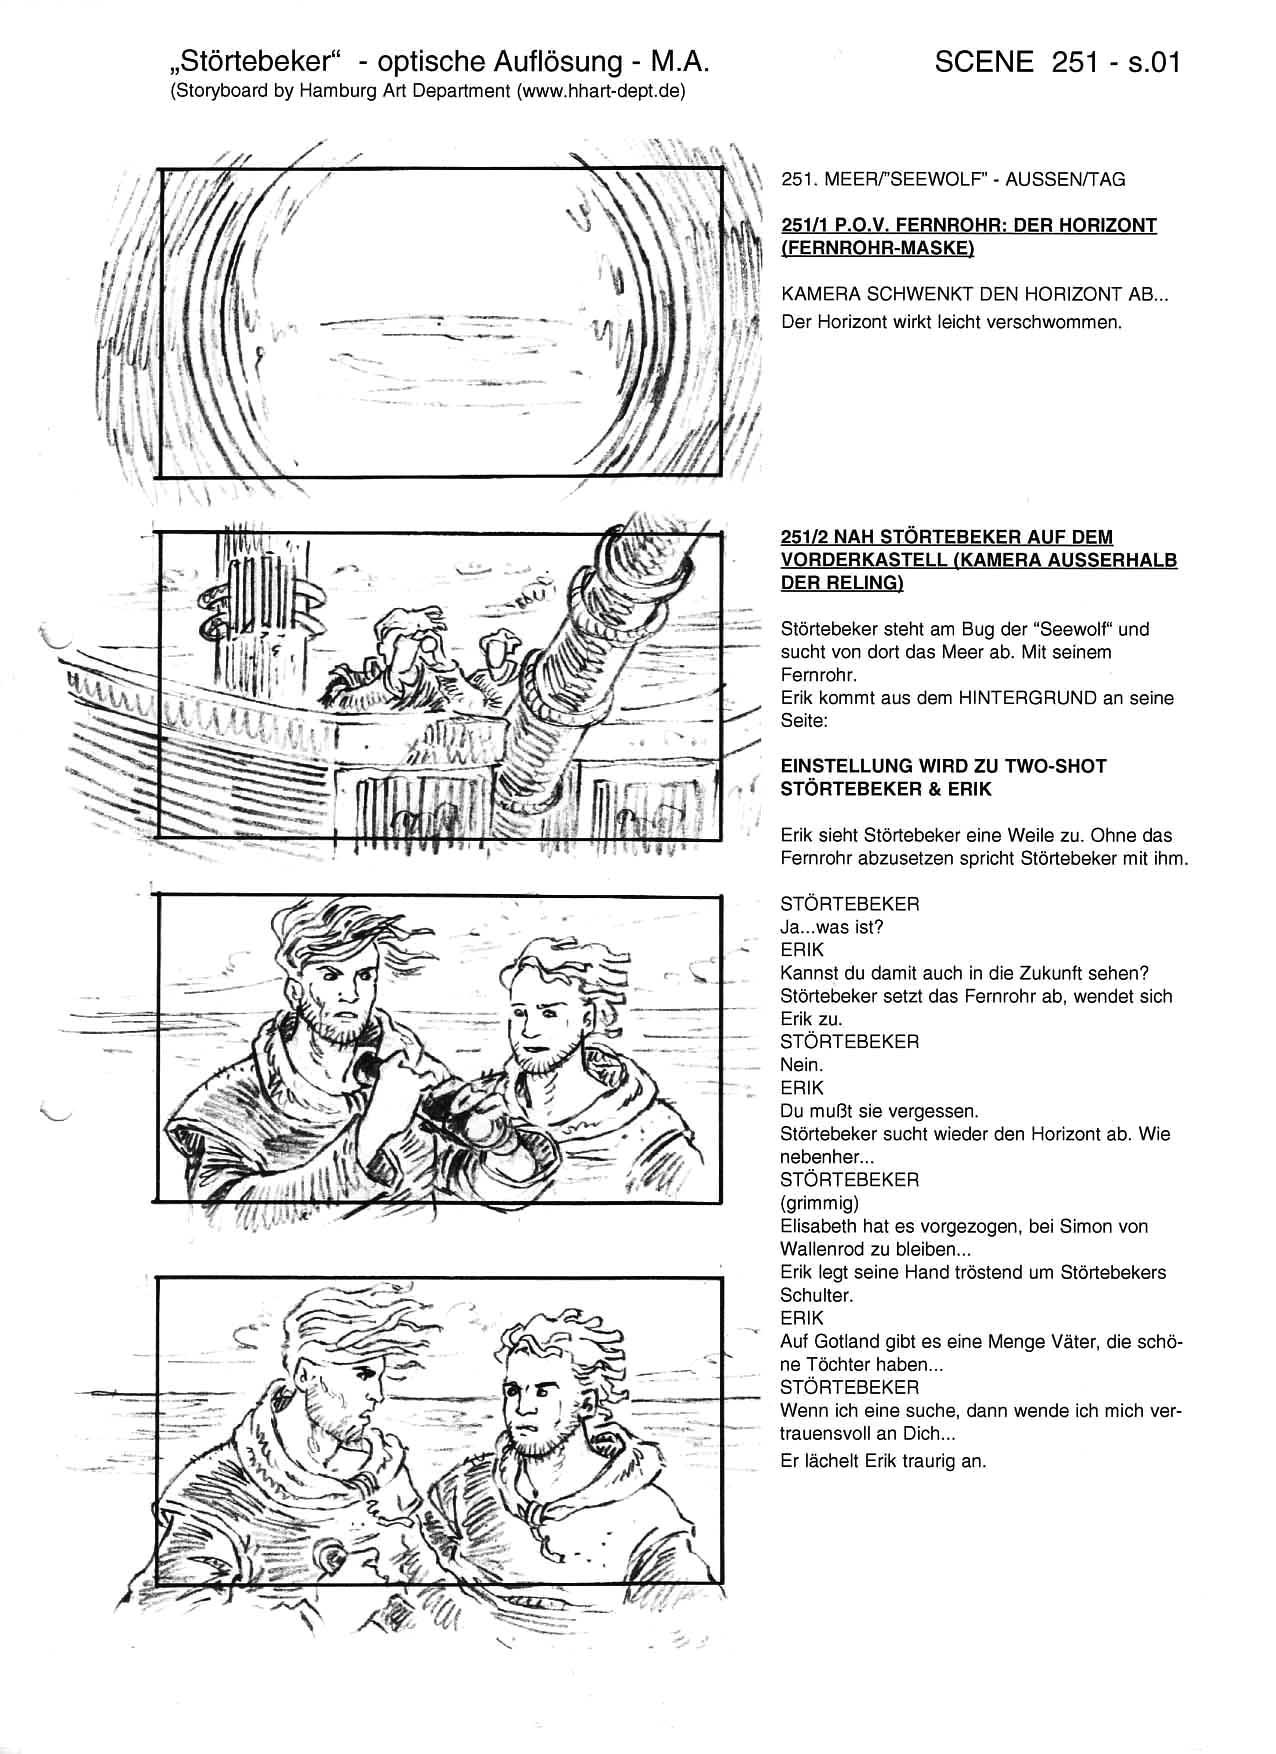 klaus-251-01